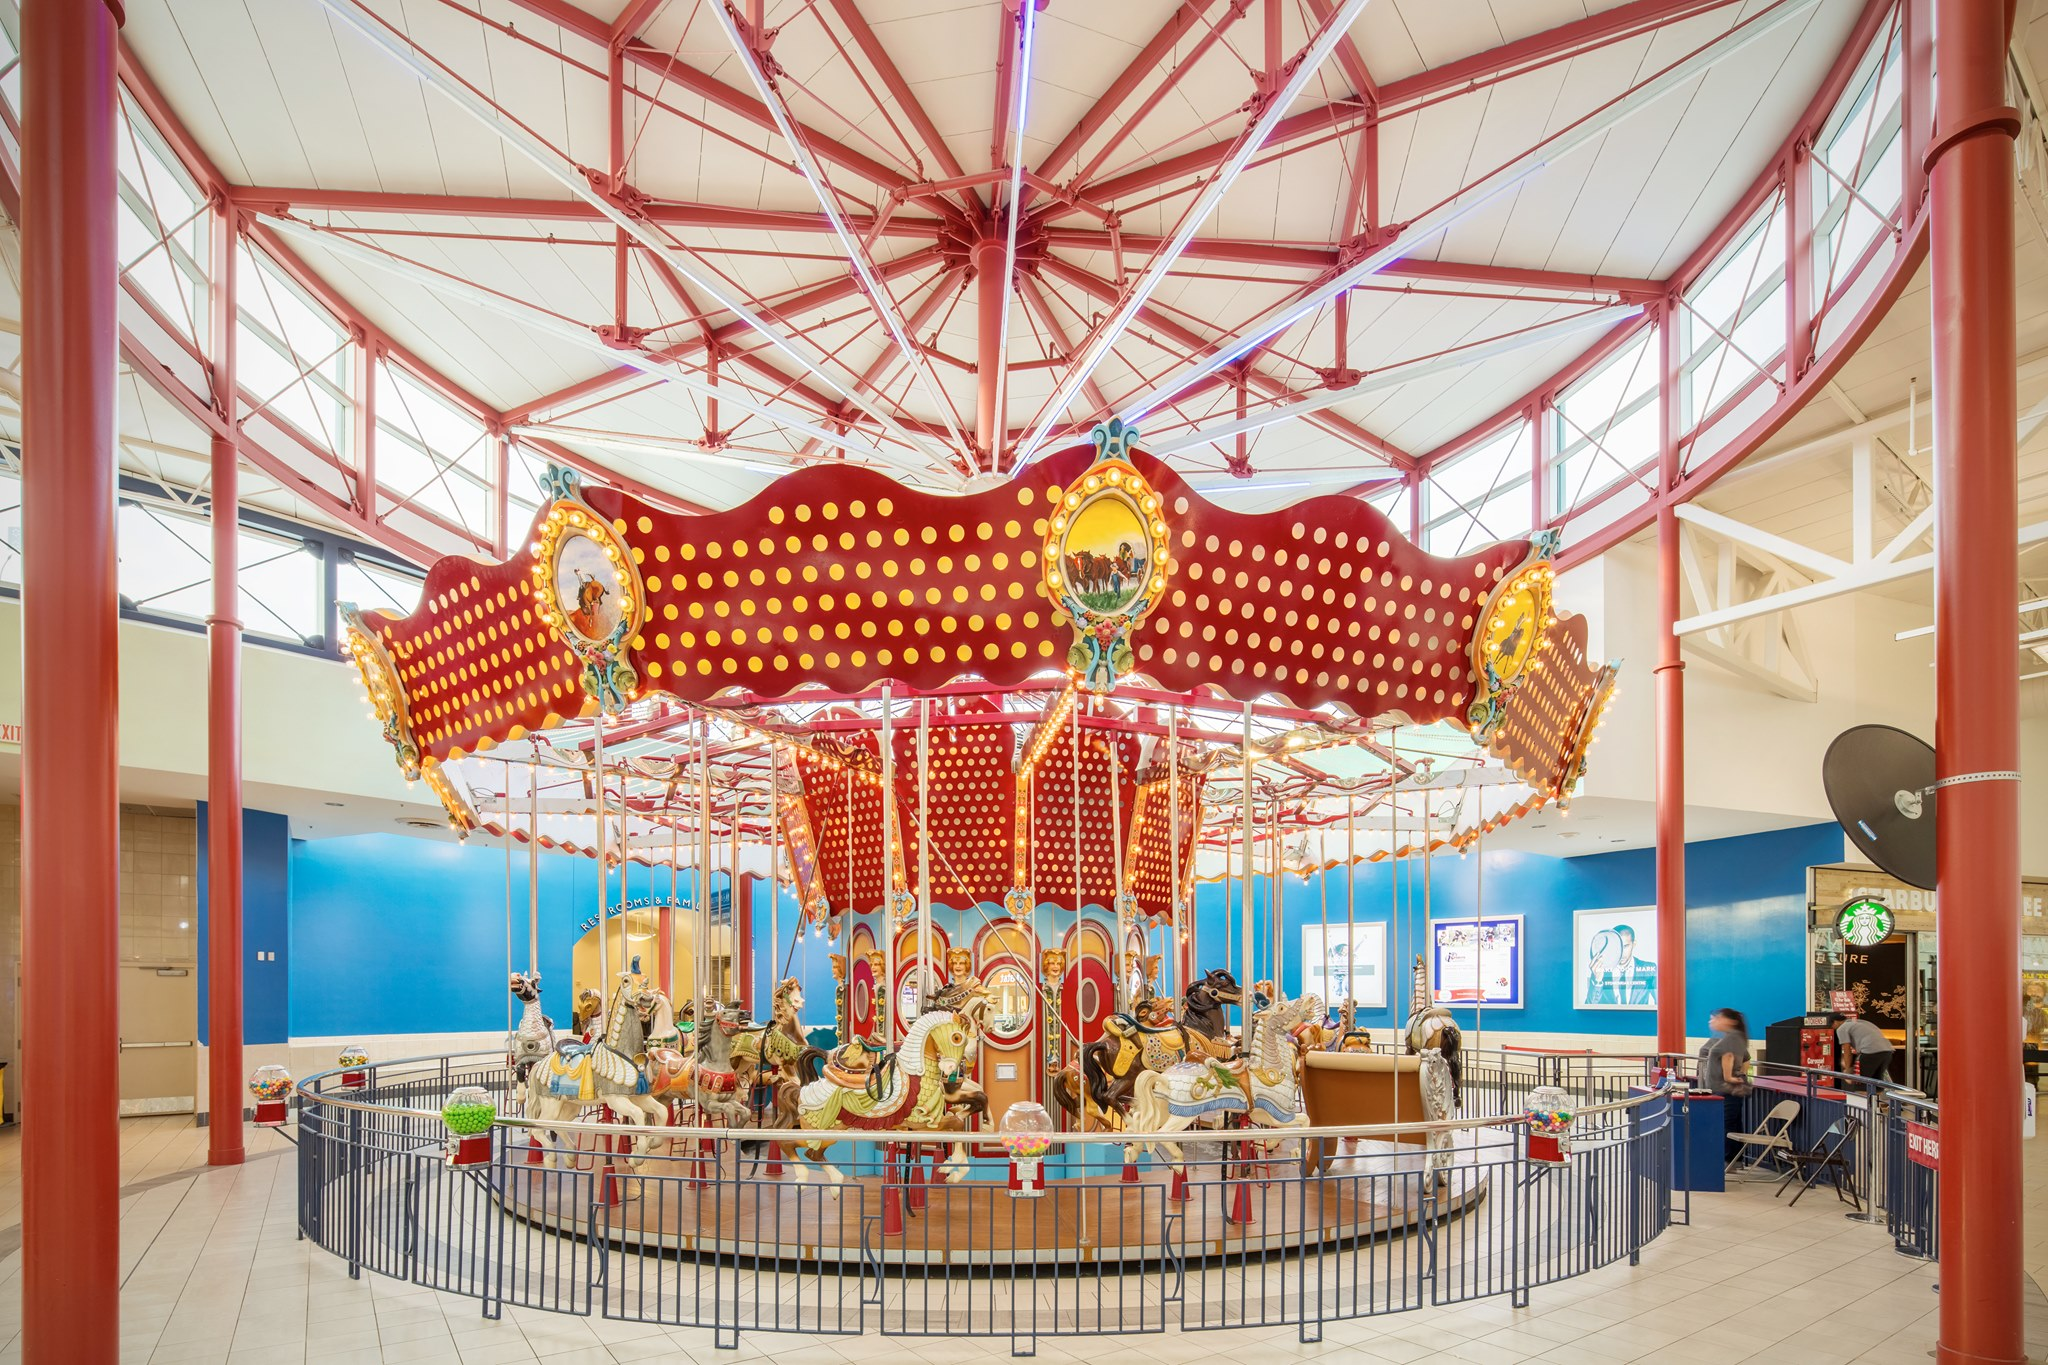 Carousel Ridess